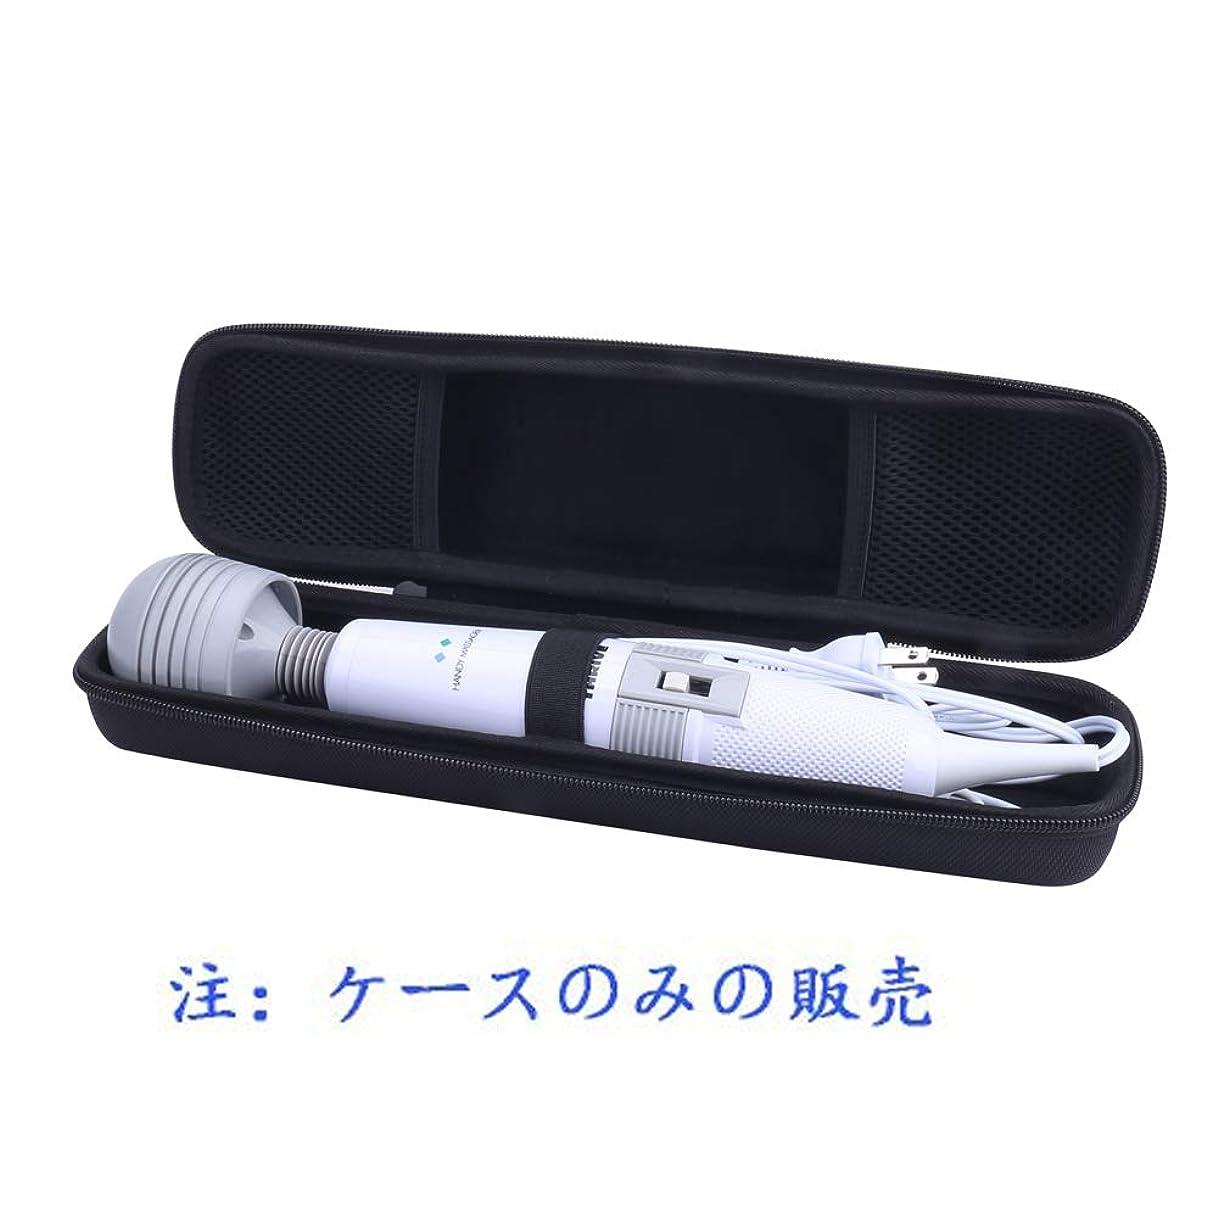 店員シート解くTHRIVE スライヴ ハンディマッサージャー MD01対応専用保護収納キャリングケース- Aenllosi (Black)